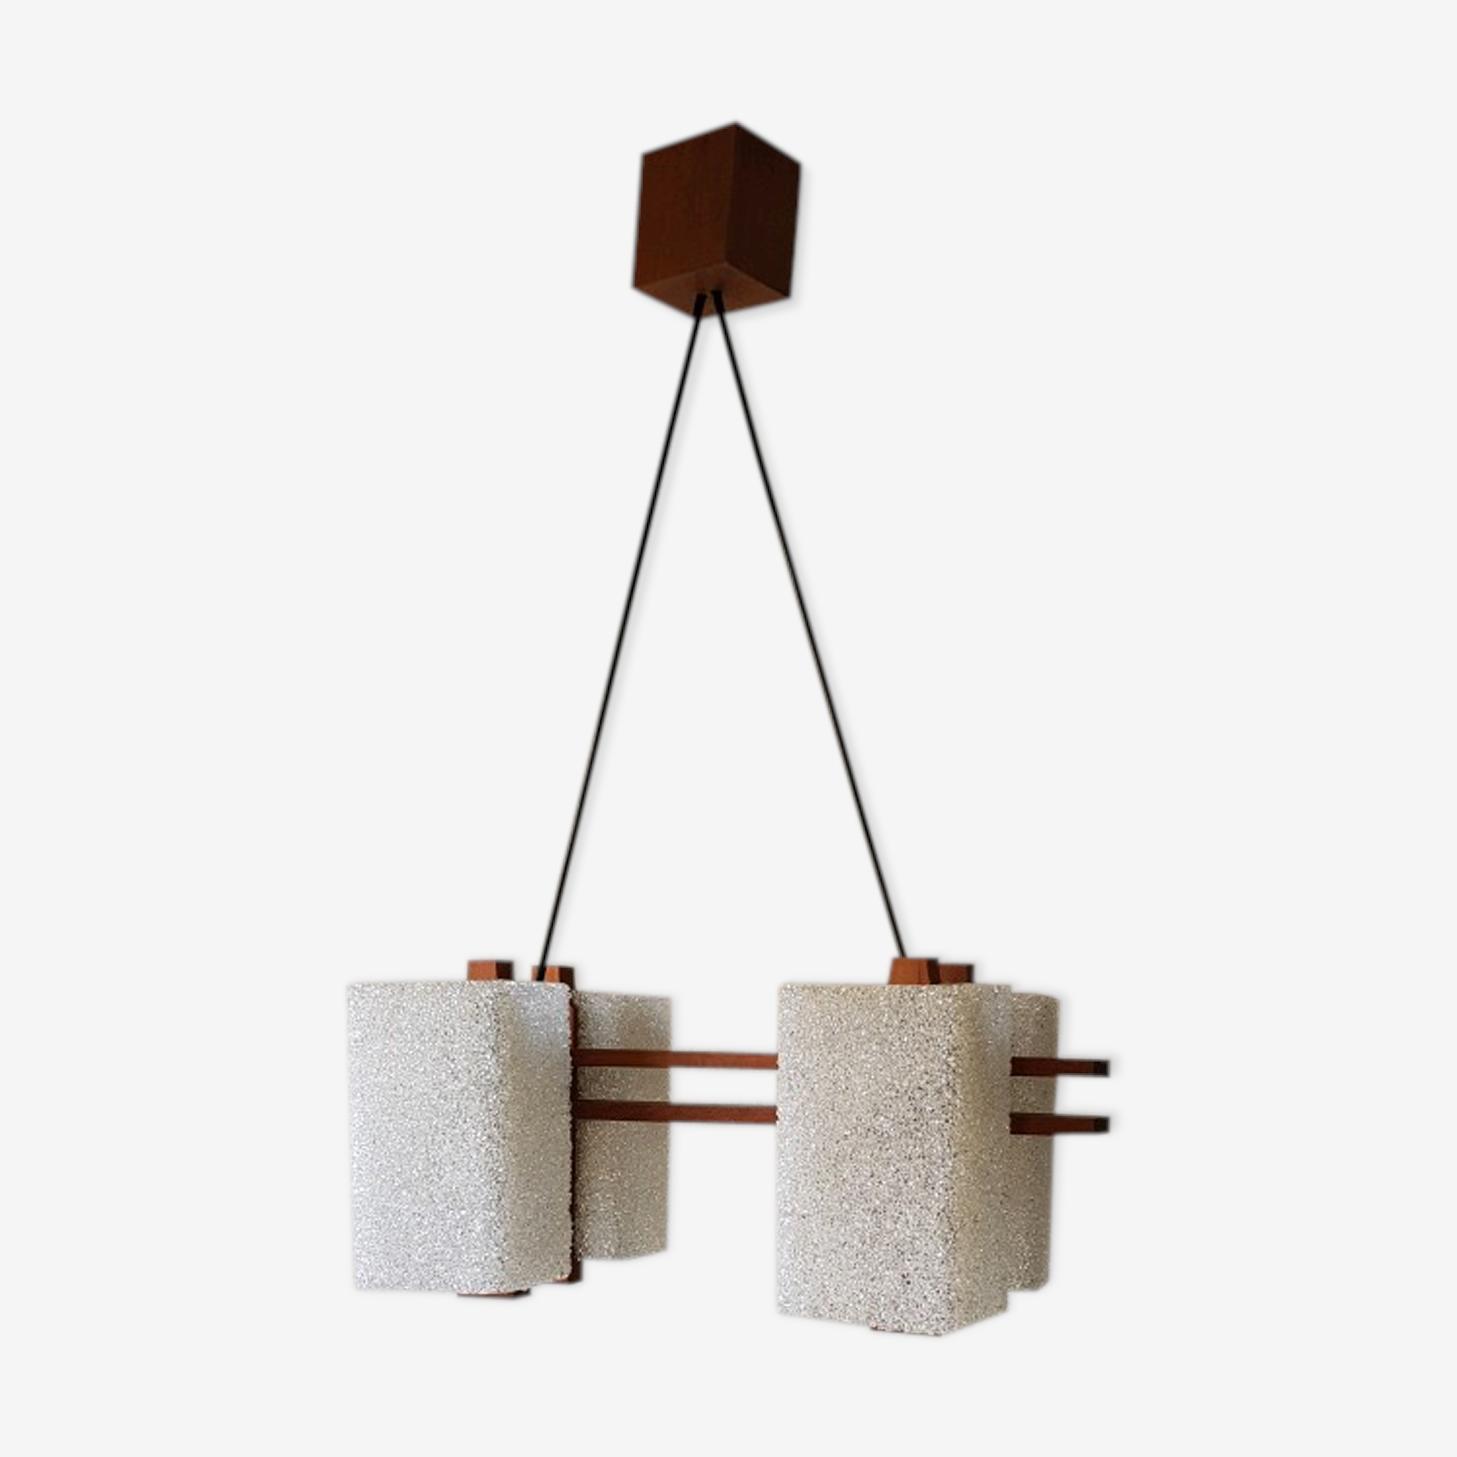 Teak hanging lamp